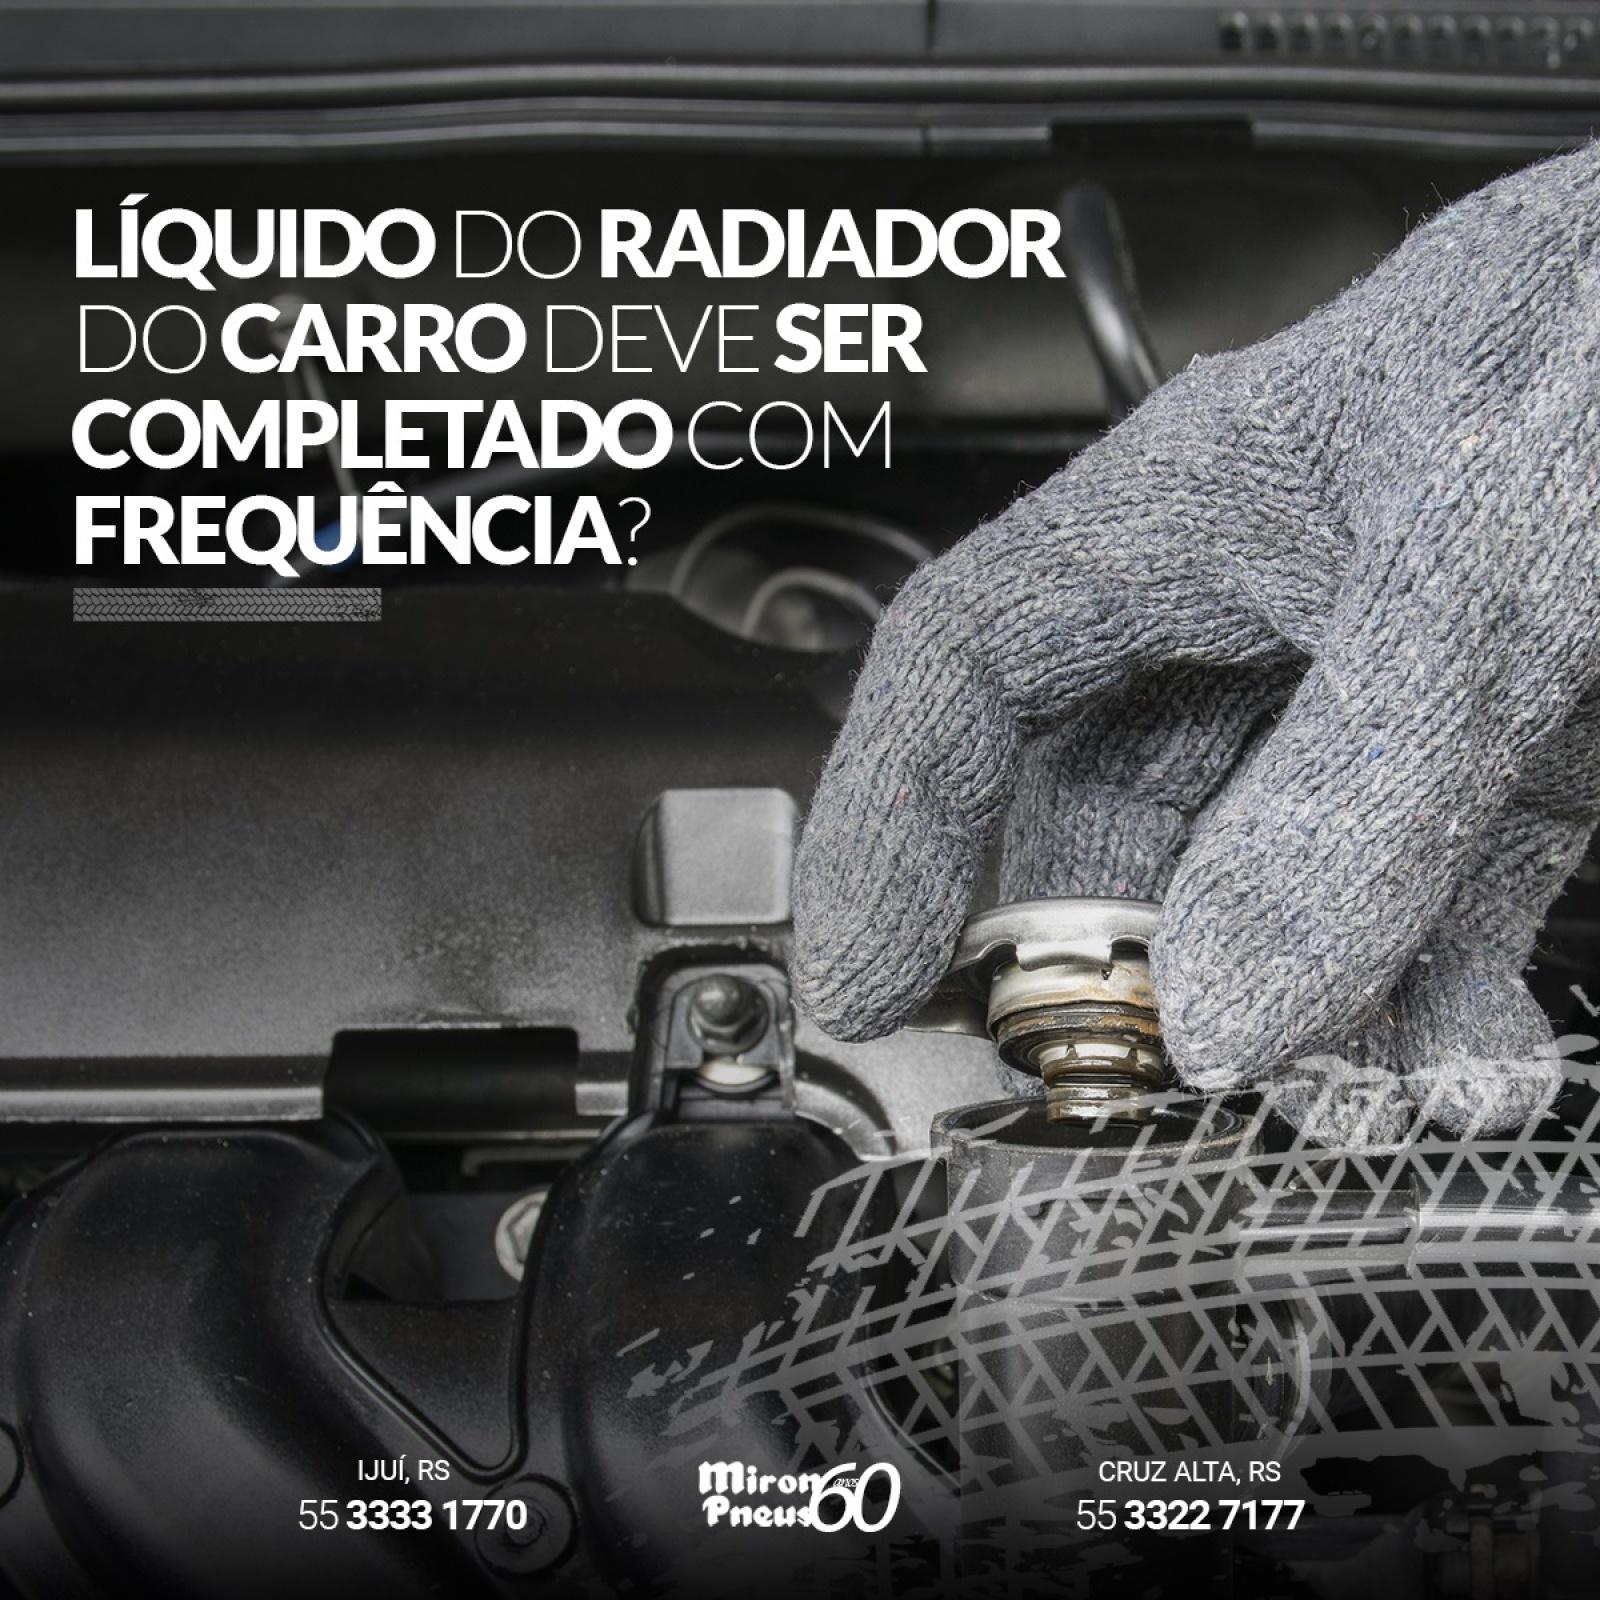 Líquido do radiador do carro deve ser completado com frequência?